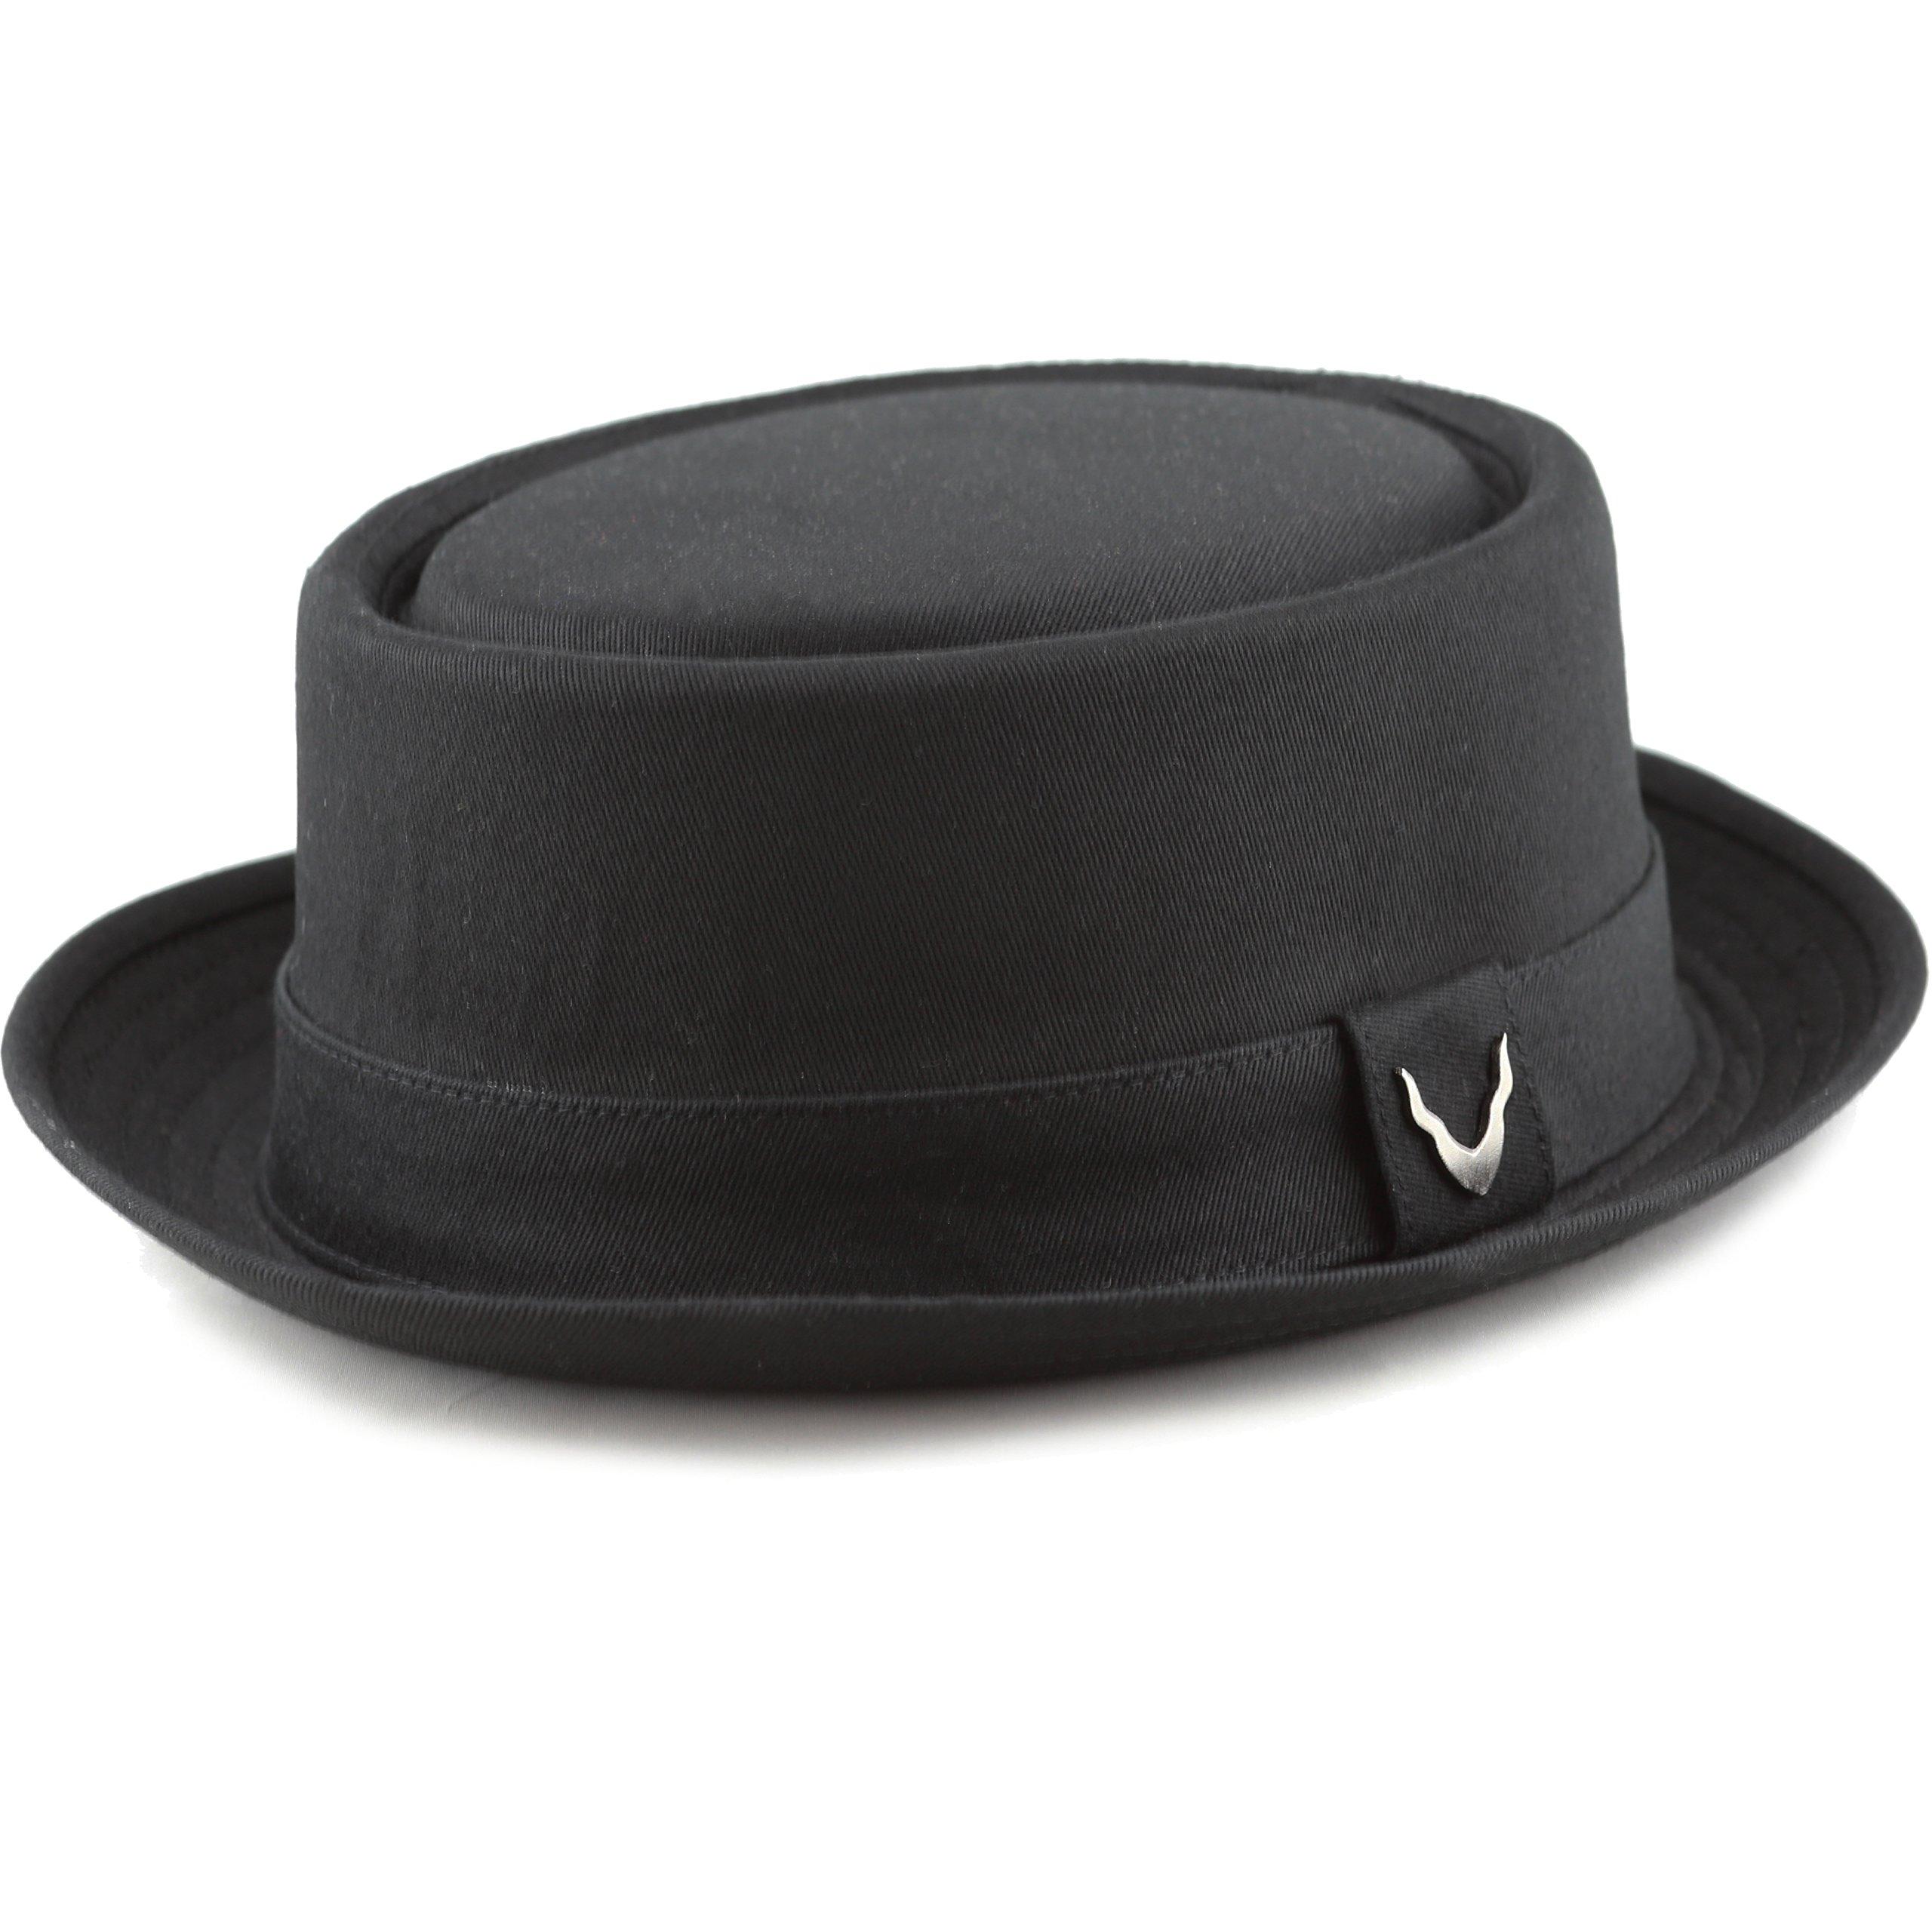 201f684ba THE HAT DEPOT Black Horn Cotton Plain Porkpie Hat (Large, Black ...